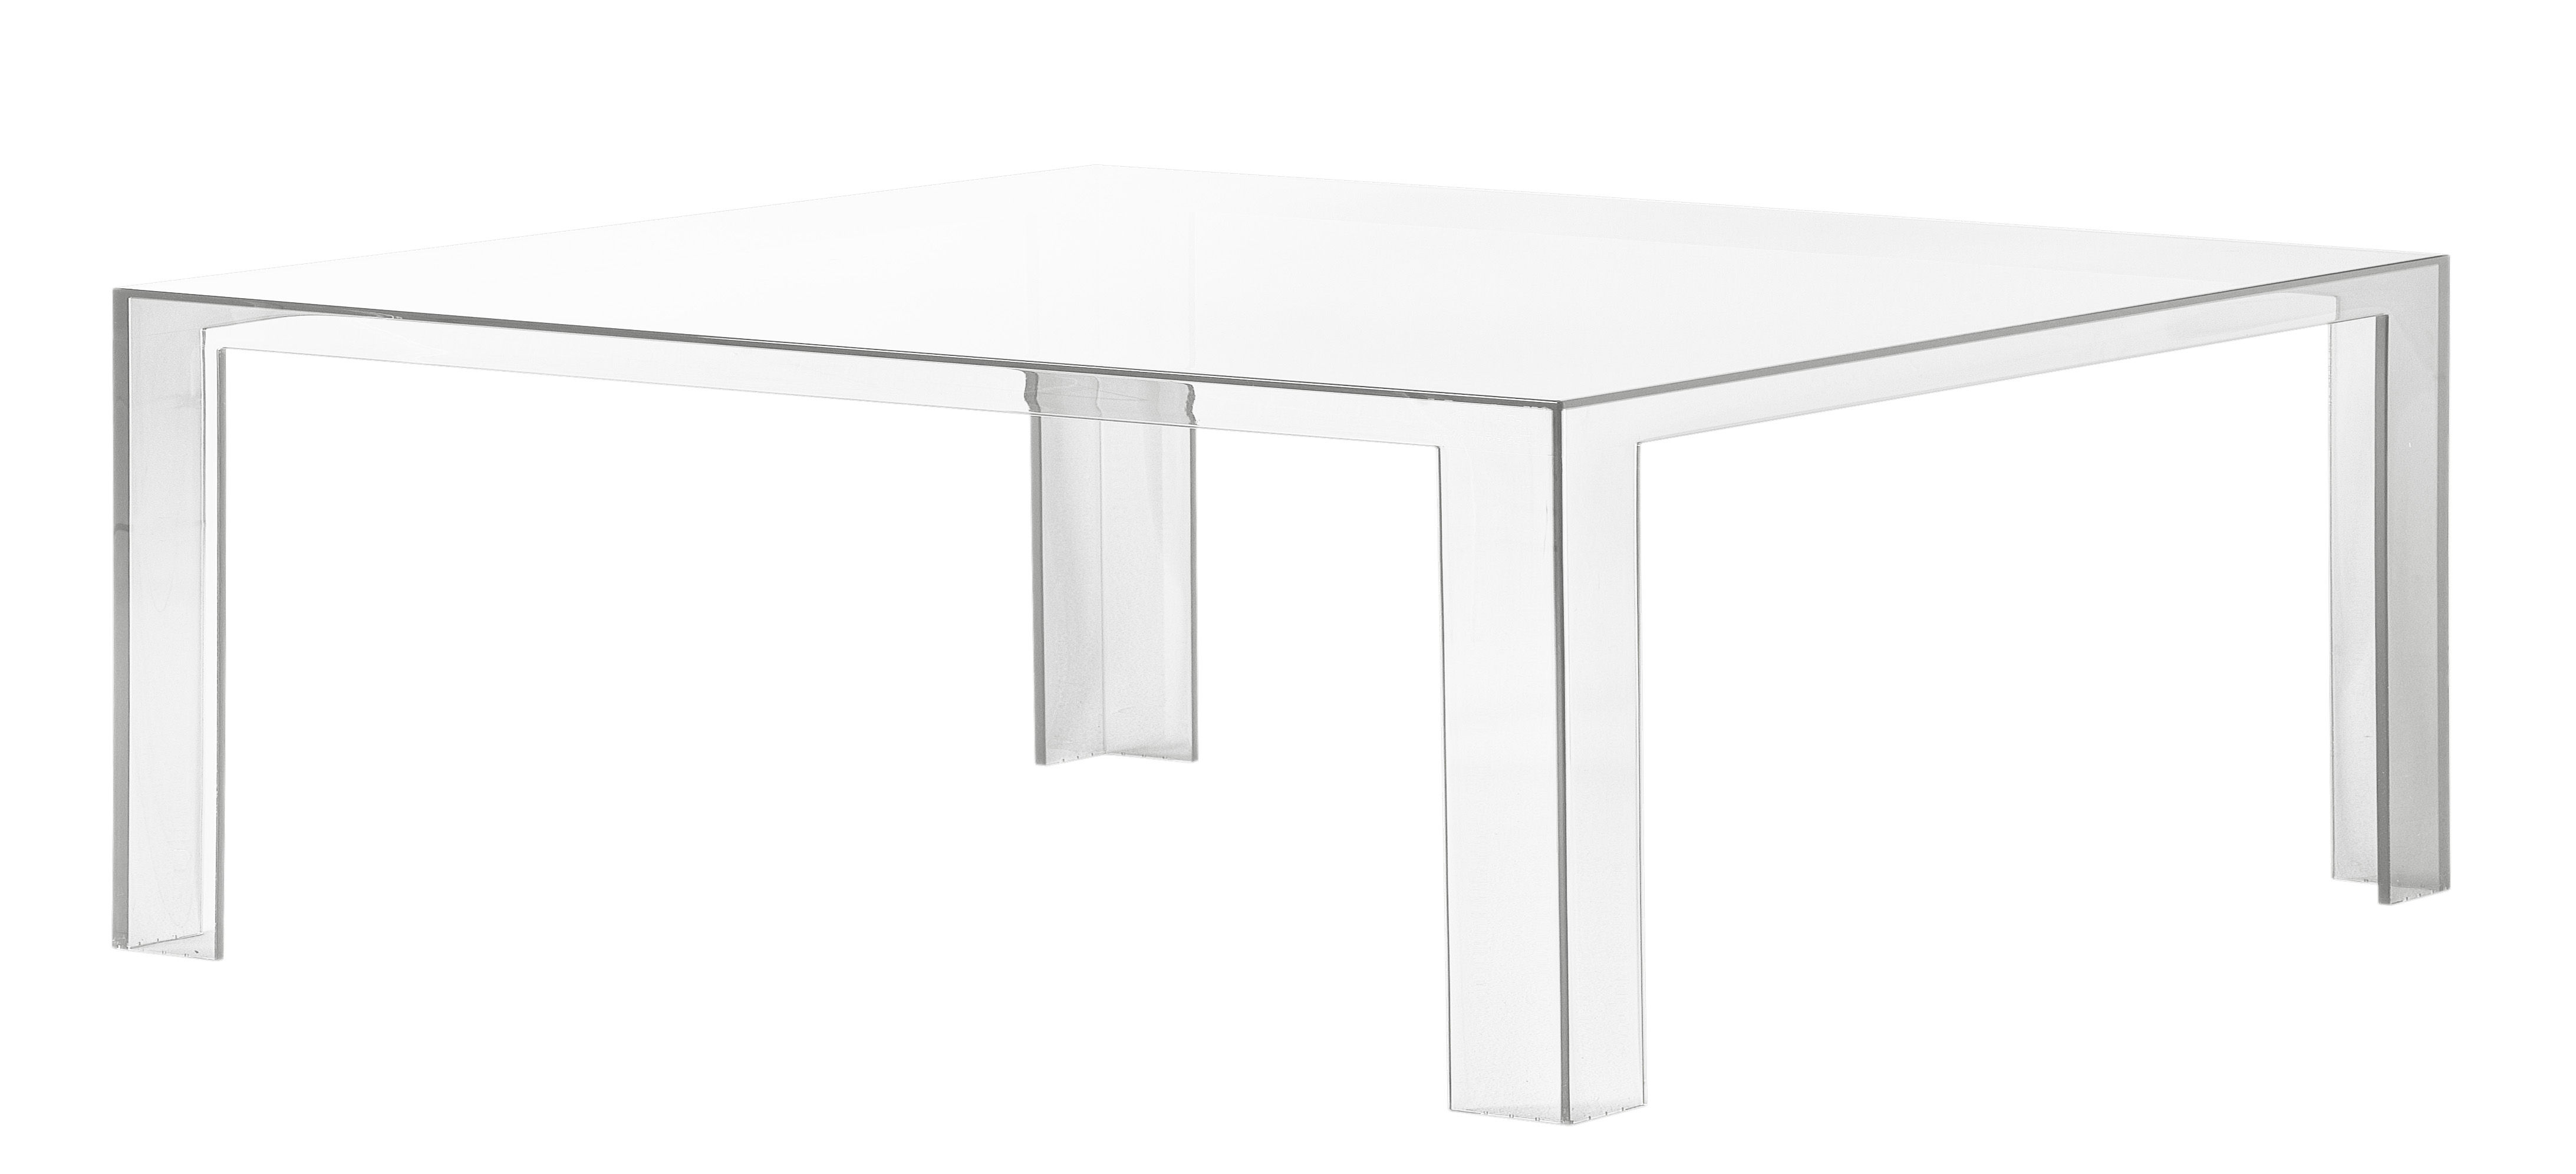 Arredamento - Tavolino Invisible Low - H 31 cm di Kartell - Cristallo - PMMA